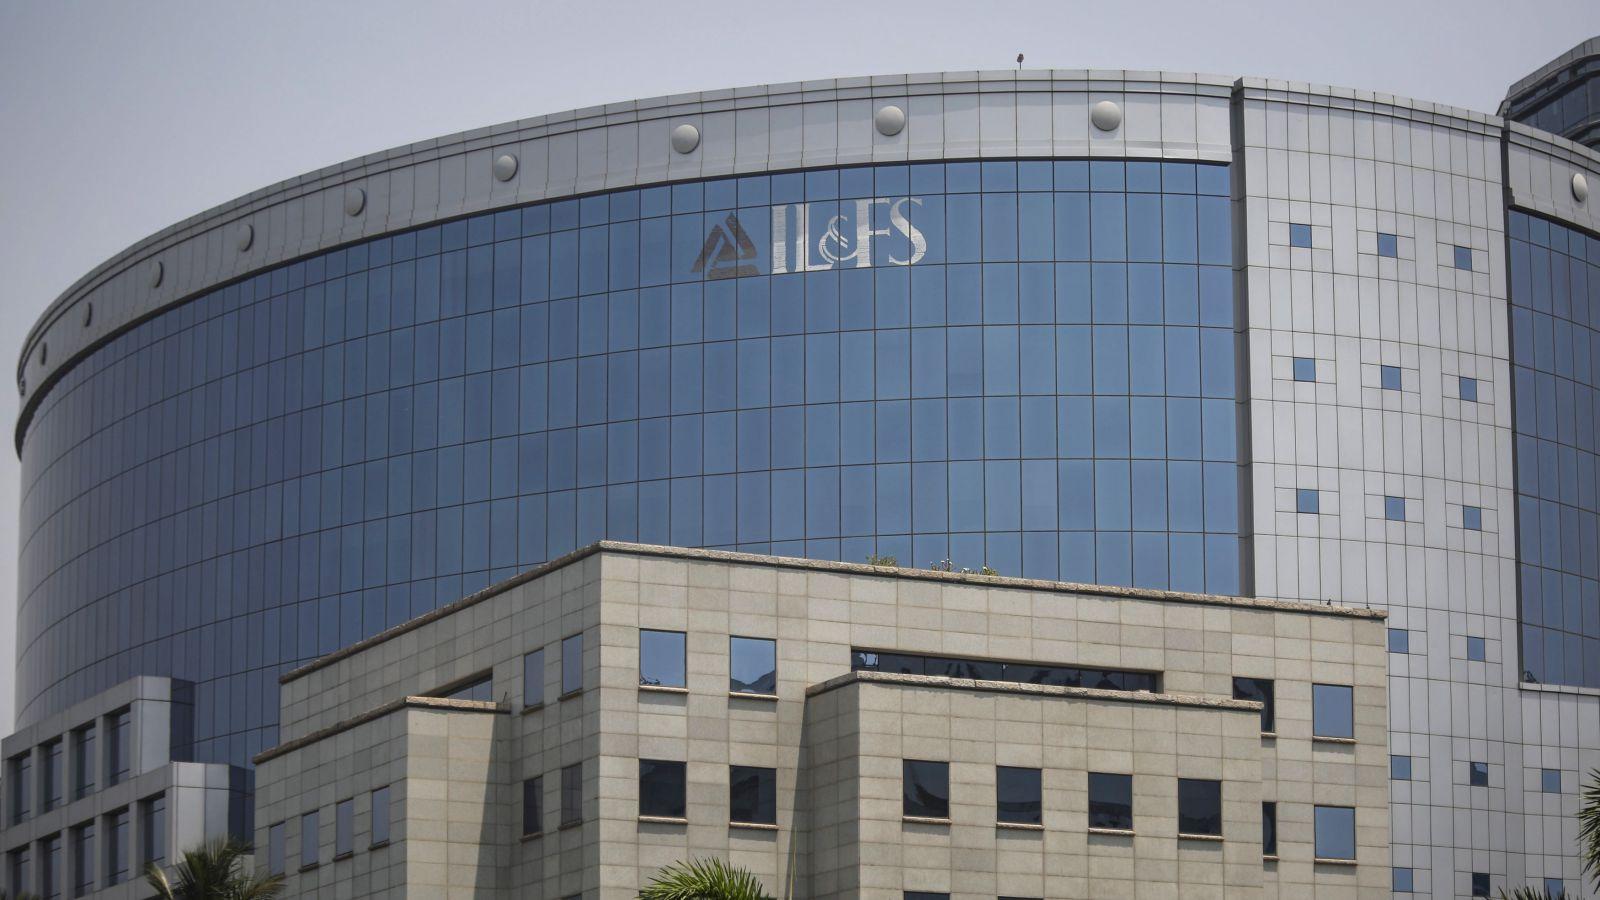 India IL&FS